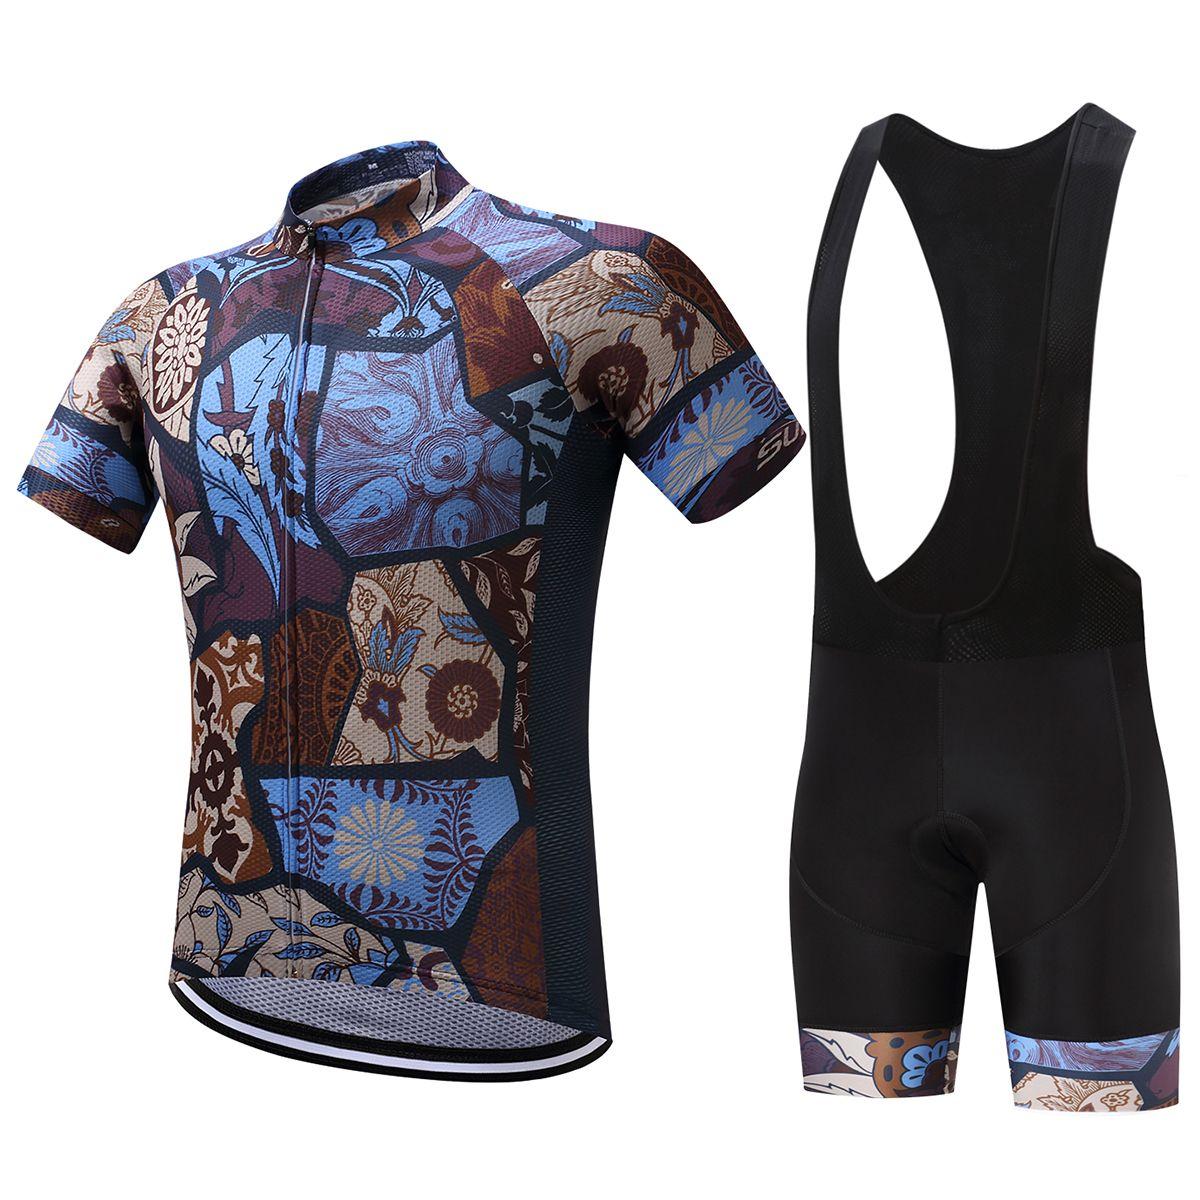 2018 Pro Team herren Radfahren Jersey Set Quick-Dry Maillot Roupa Bike Sets Racing Fahrrad Kleidung Triathlon Anzug MTB Kleidung